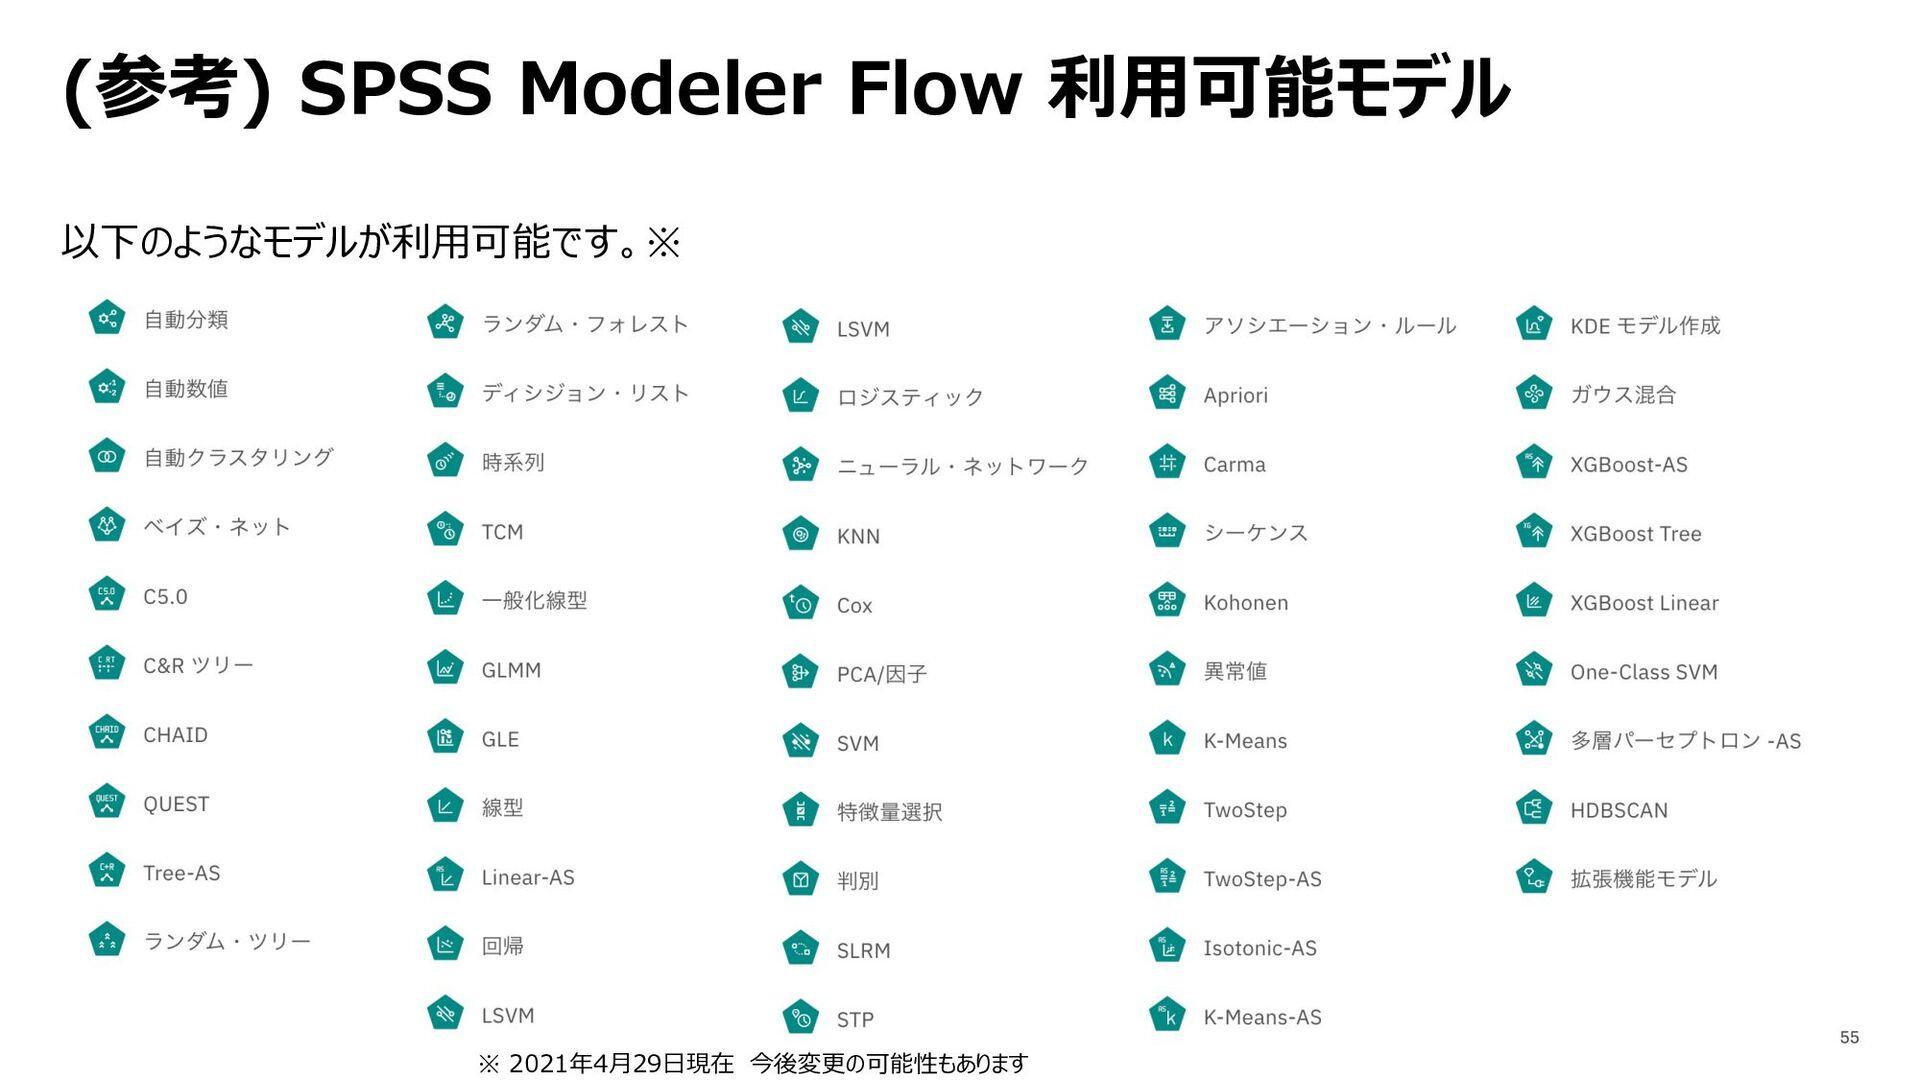 (参考) SPSS Modeler Flow 利⽤可能モデル 以下のようなモデルが利⽤可能です...